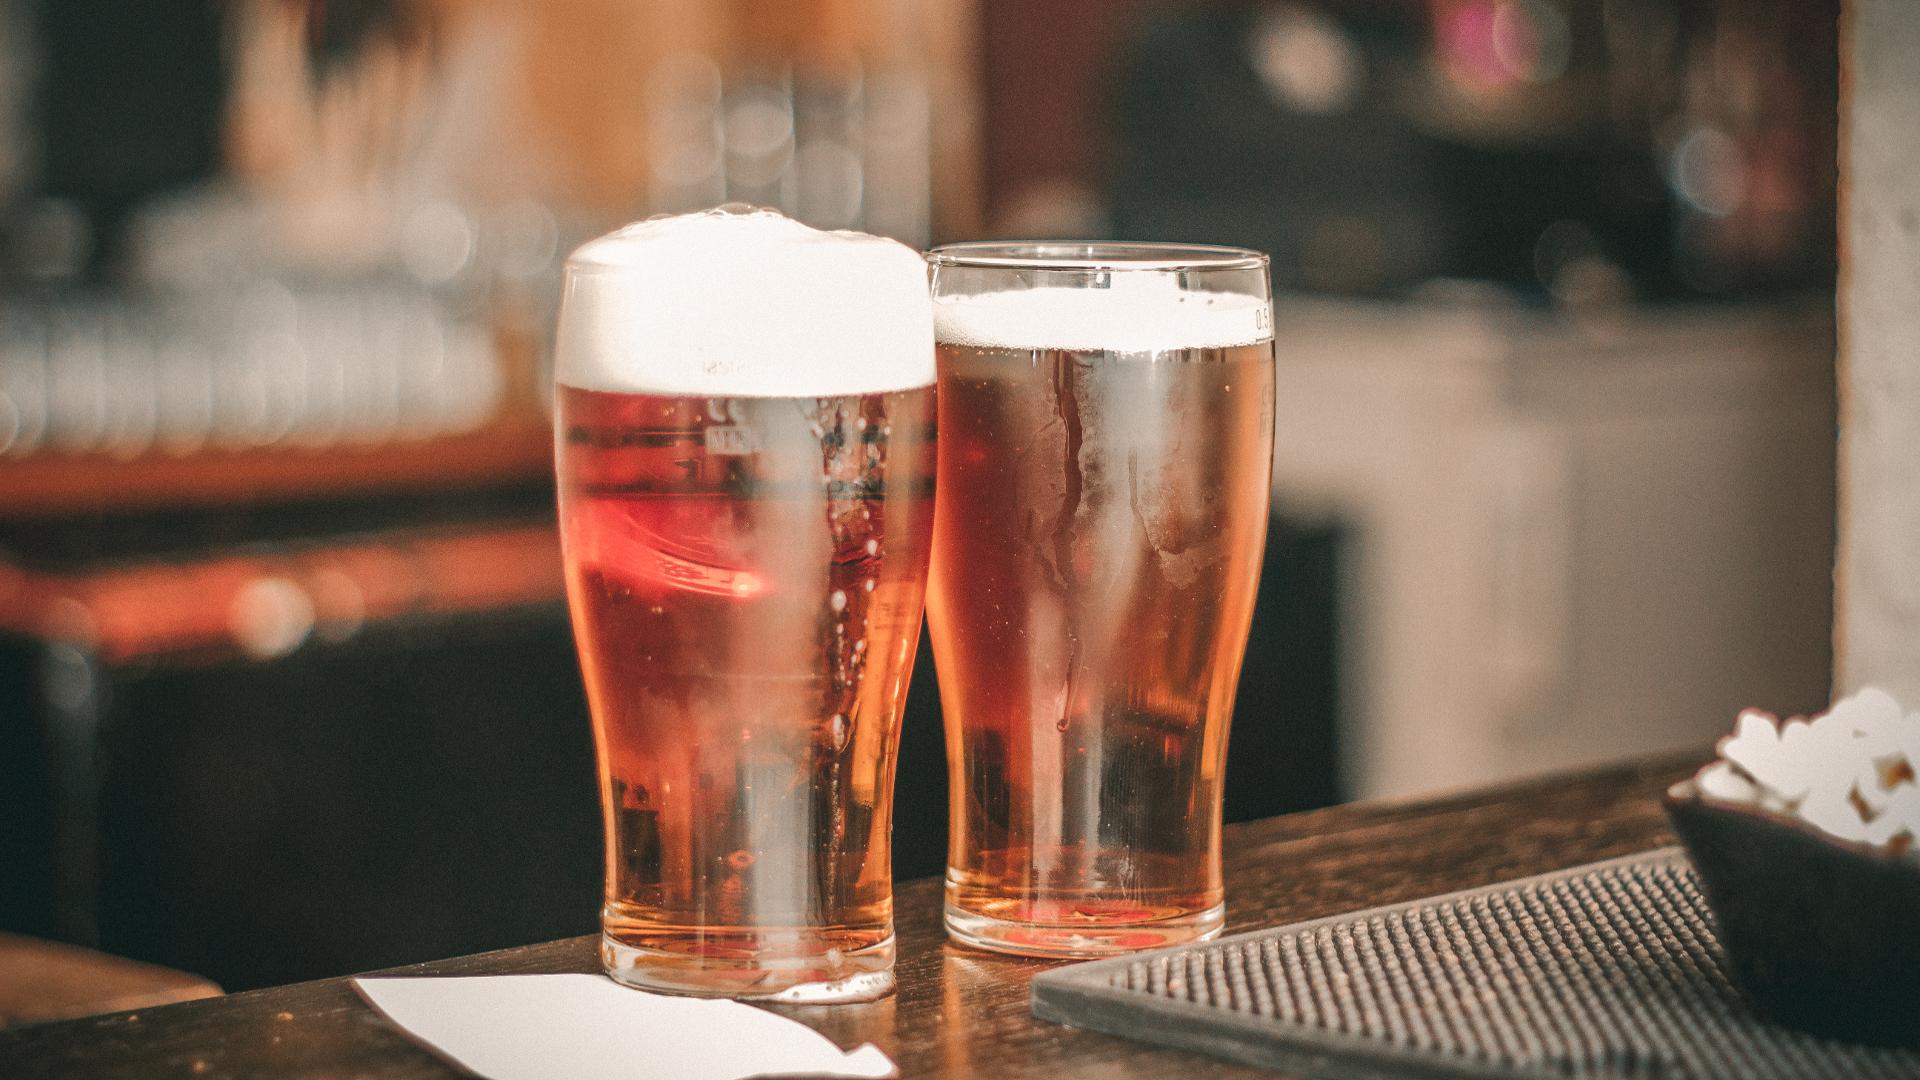 la-cerveza-bebida-de-indole-social-por-excelencia-1920